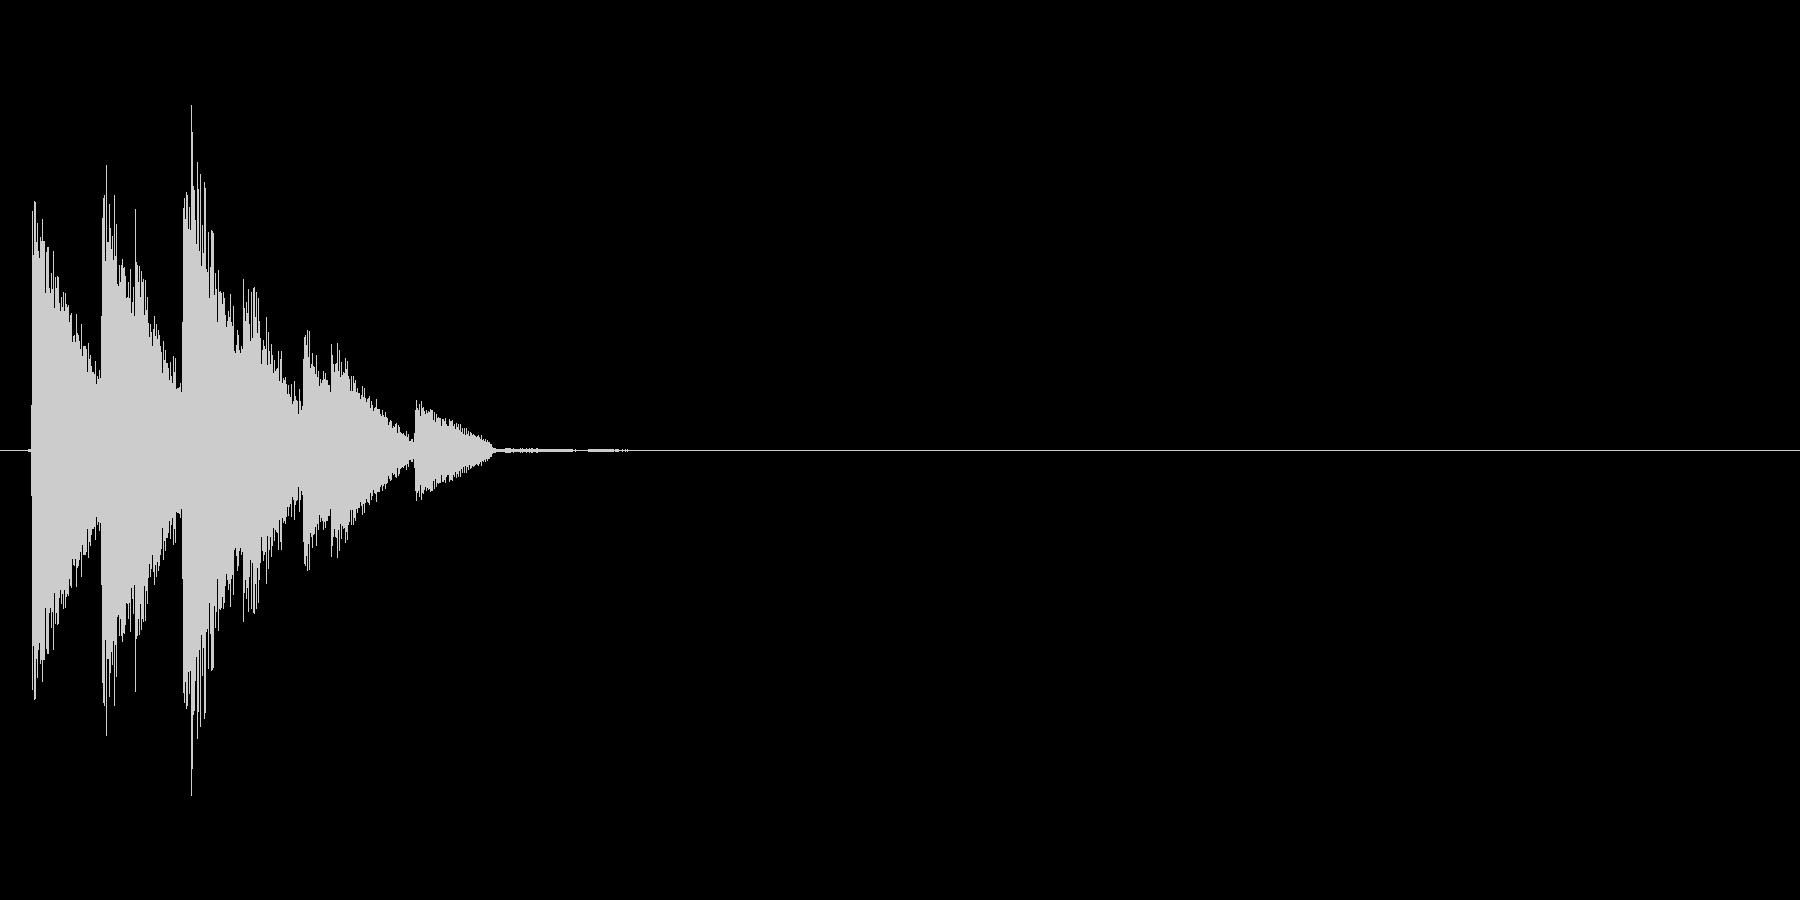 金属的なサウンドの決定音その3の未再生の波形